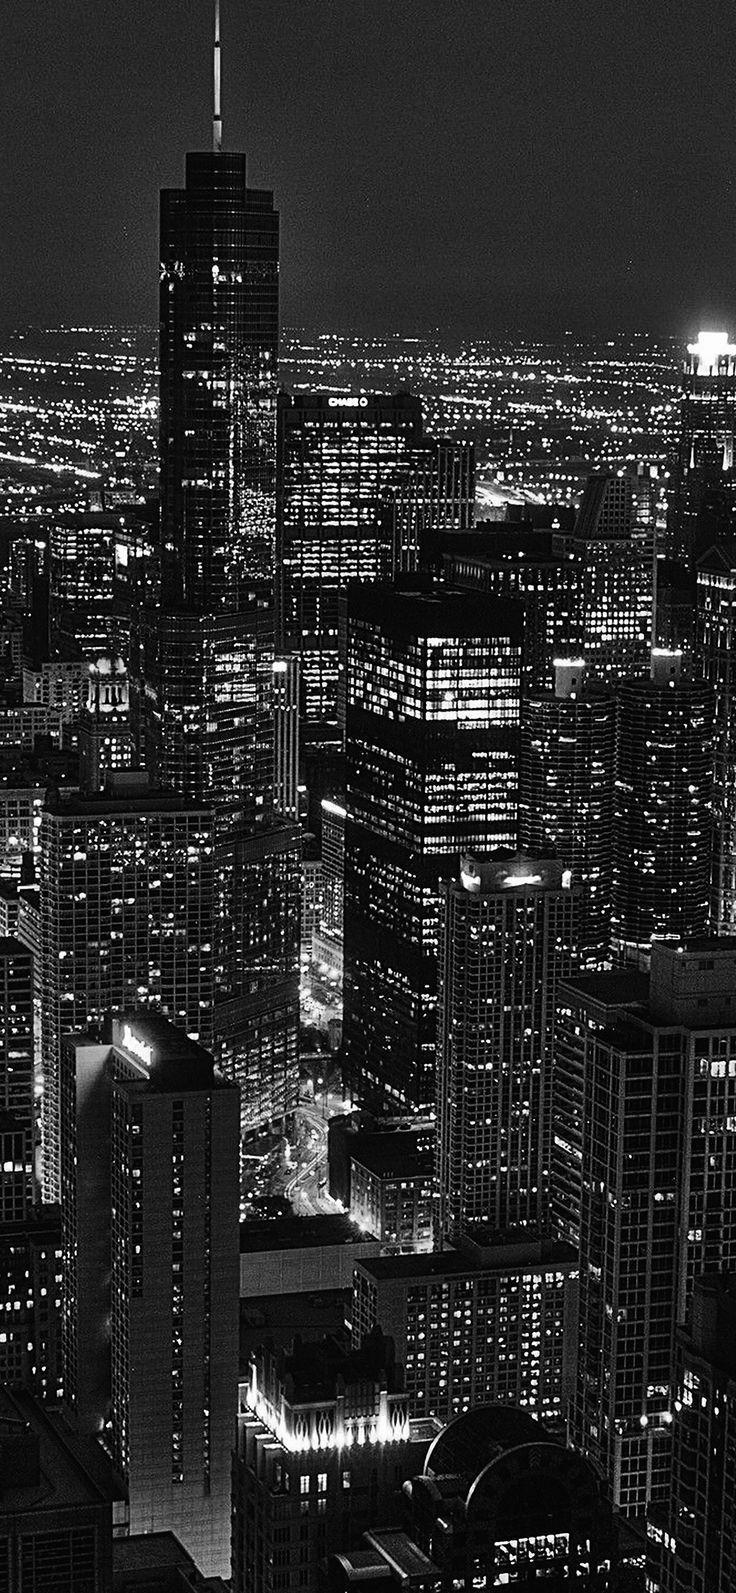 Iphone X Wallpaper Ml84 City View Night Dark Bw Via Iphone X Wallpaper Ml84 City View Night Dark Wallpaper Dark Wallpaper Iphone Dark Background Wallpaper